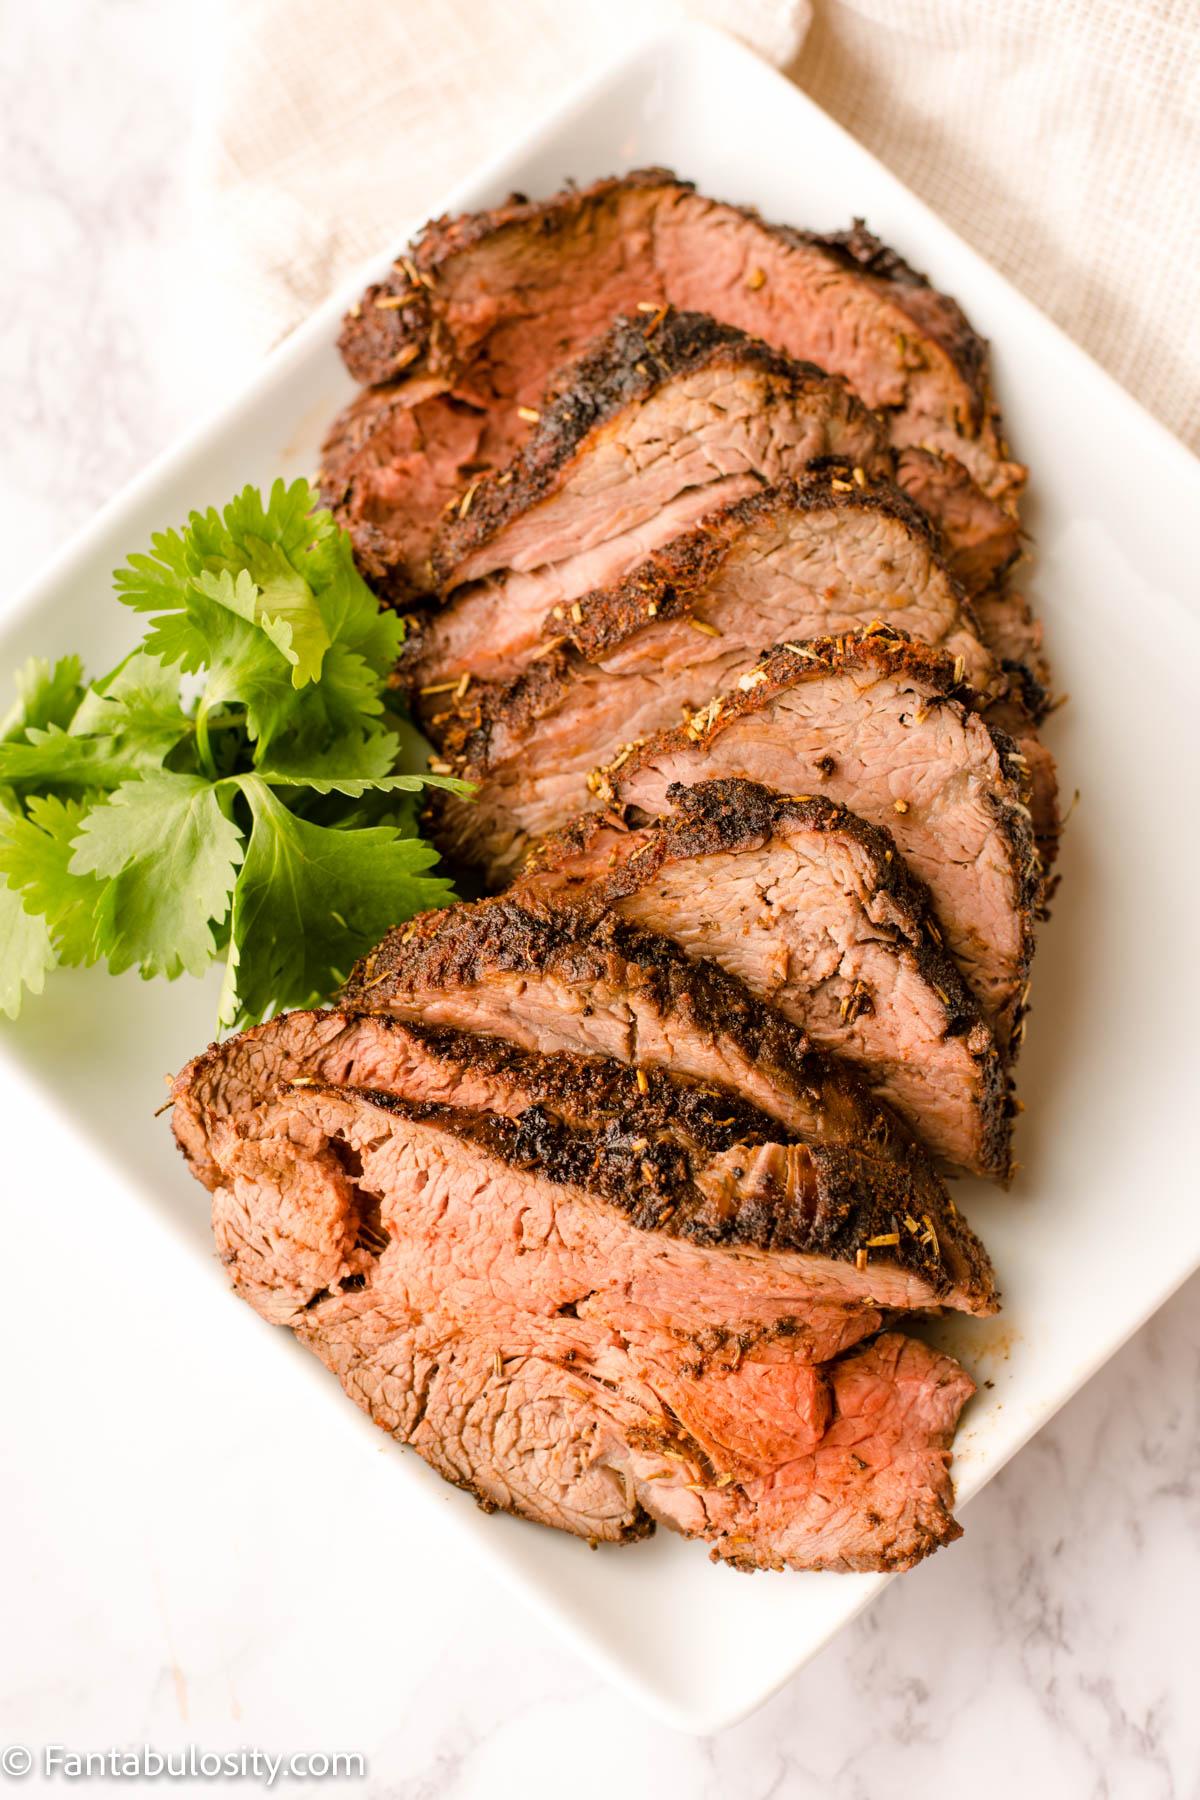 Beef Tenderloin Sliced on White plate